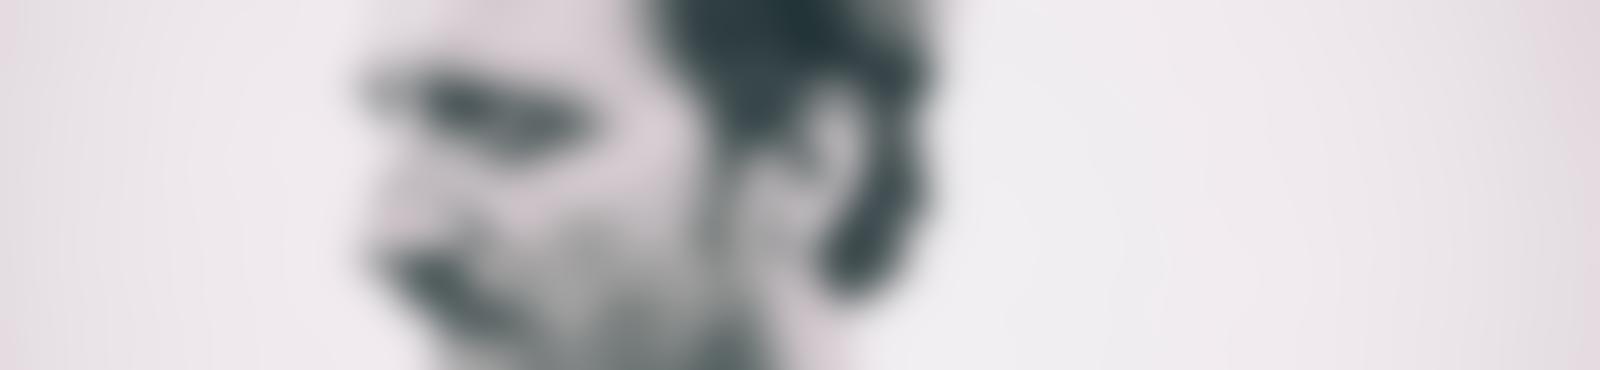 Blurred 9ba87df5 2f29 48e7 a049 b0cfe6bde654